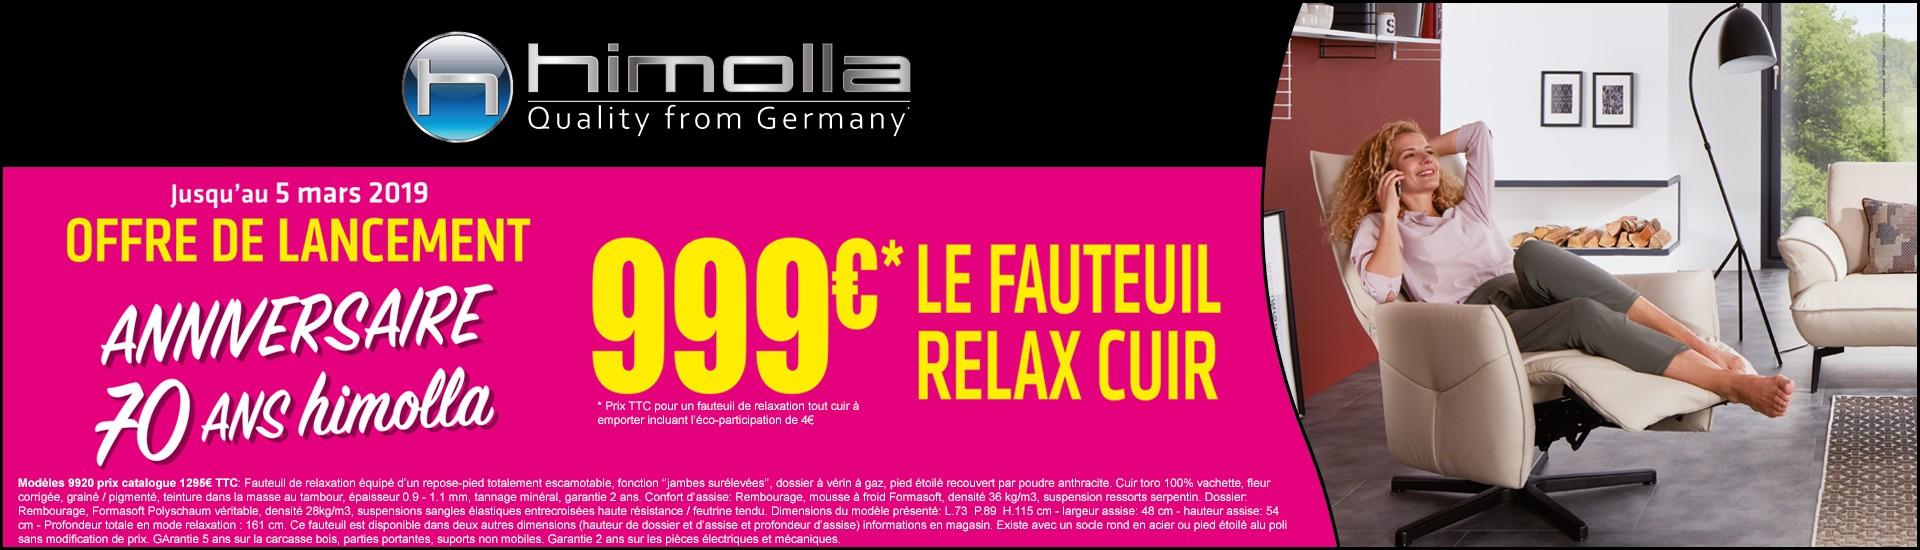 GLOBAL Meubles - Offre de lancement 70 ans HIMOLLA - 999€ * le fauteuil relax cuir